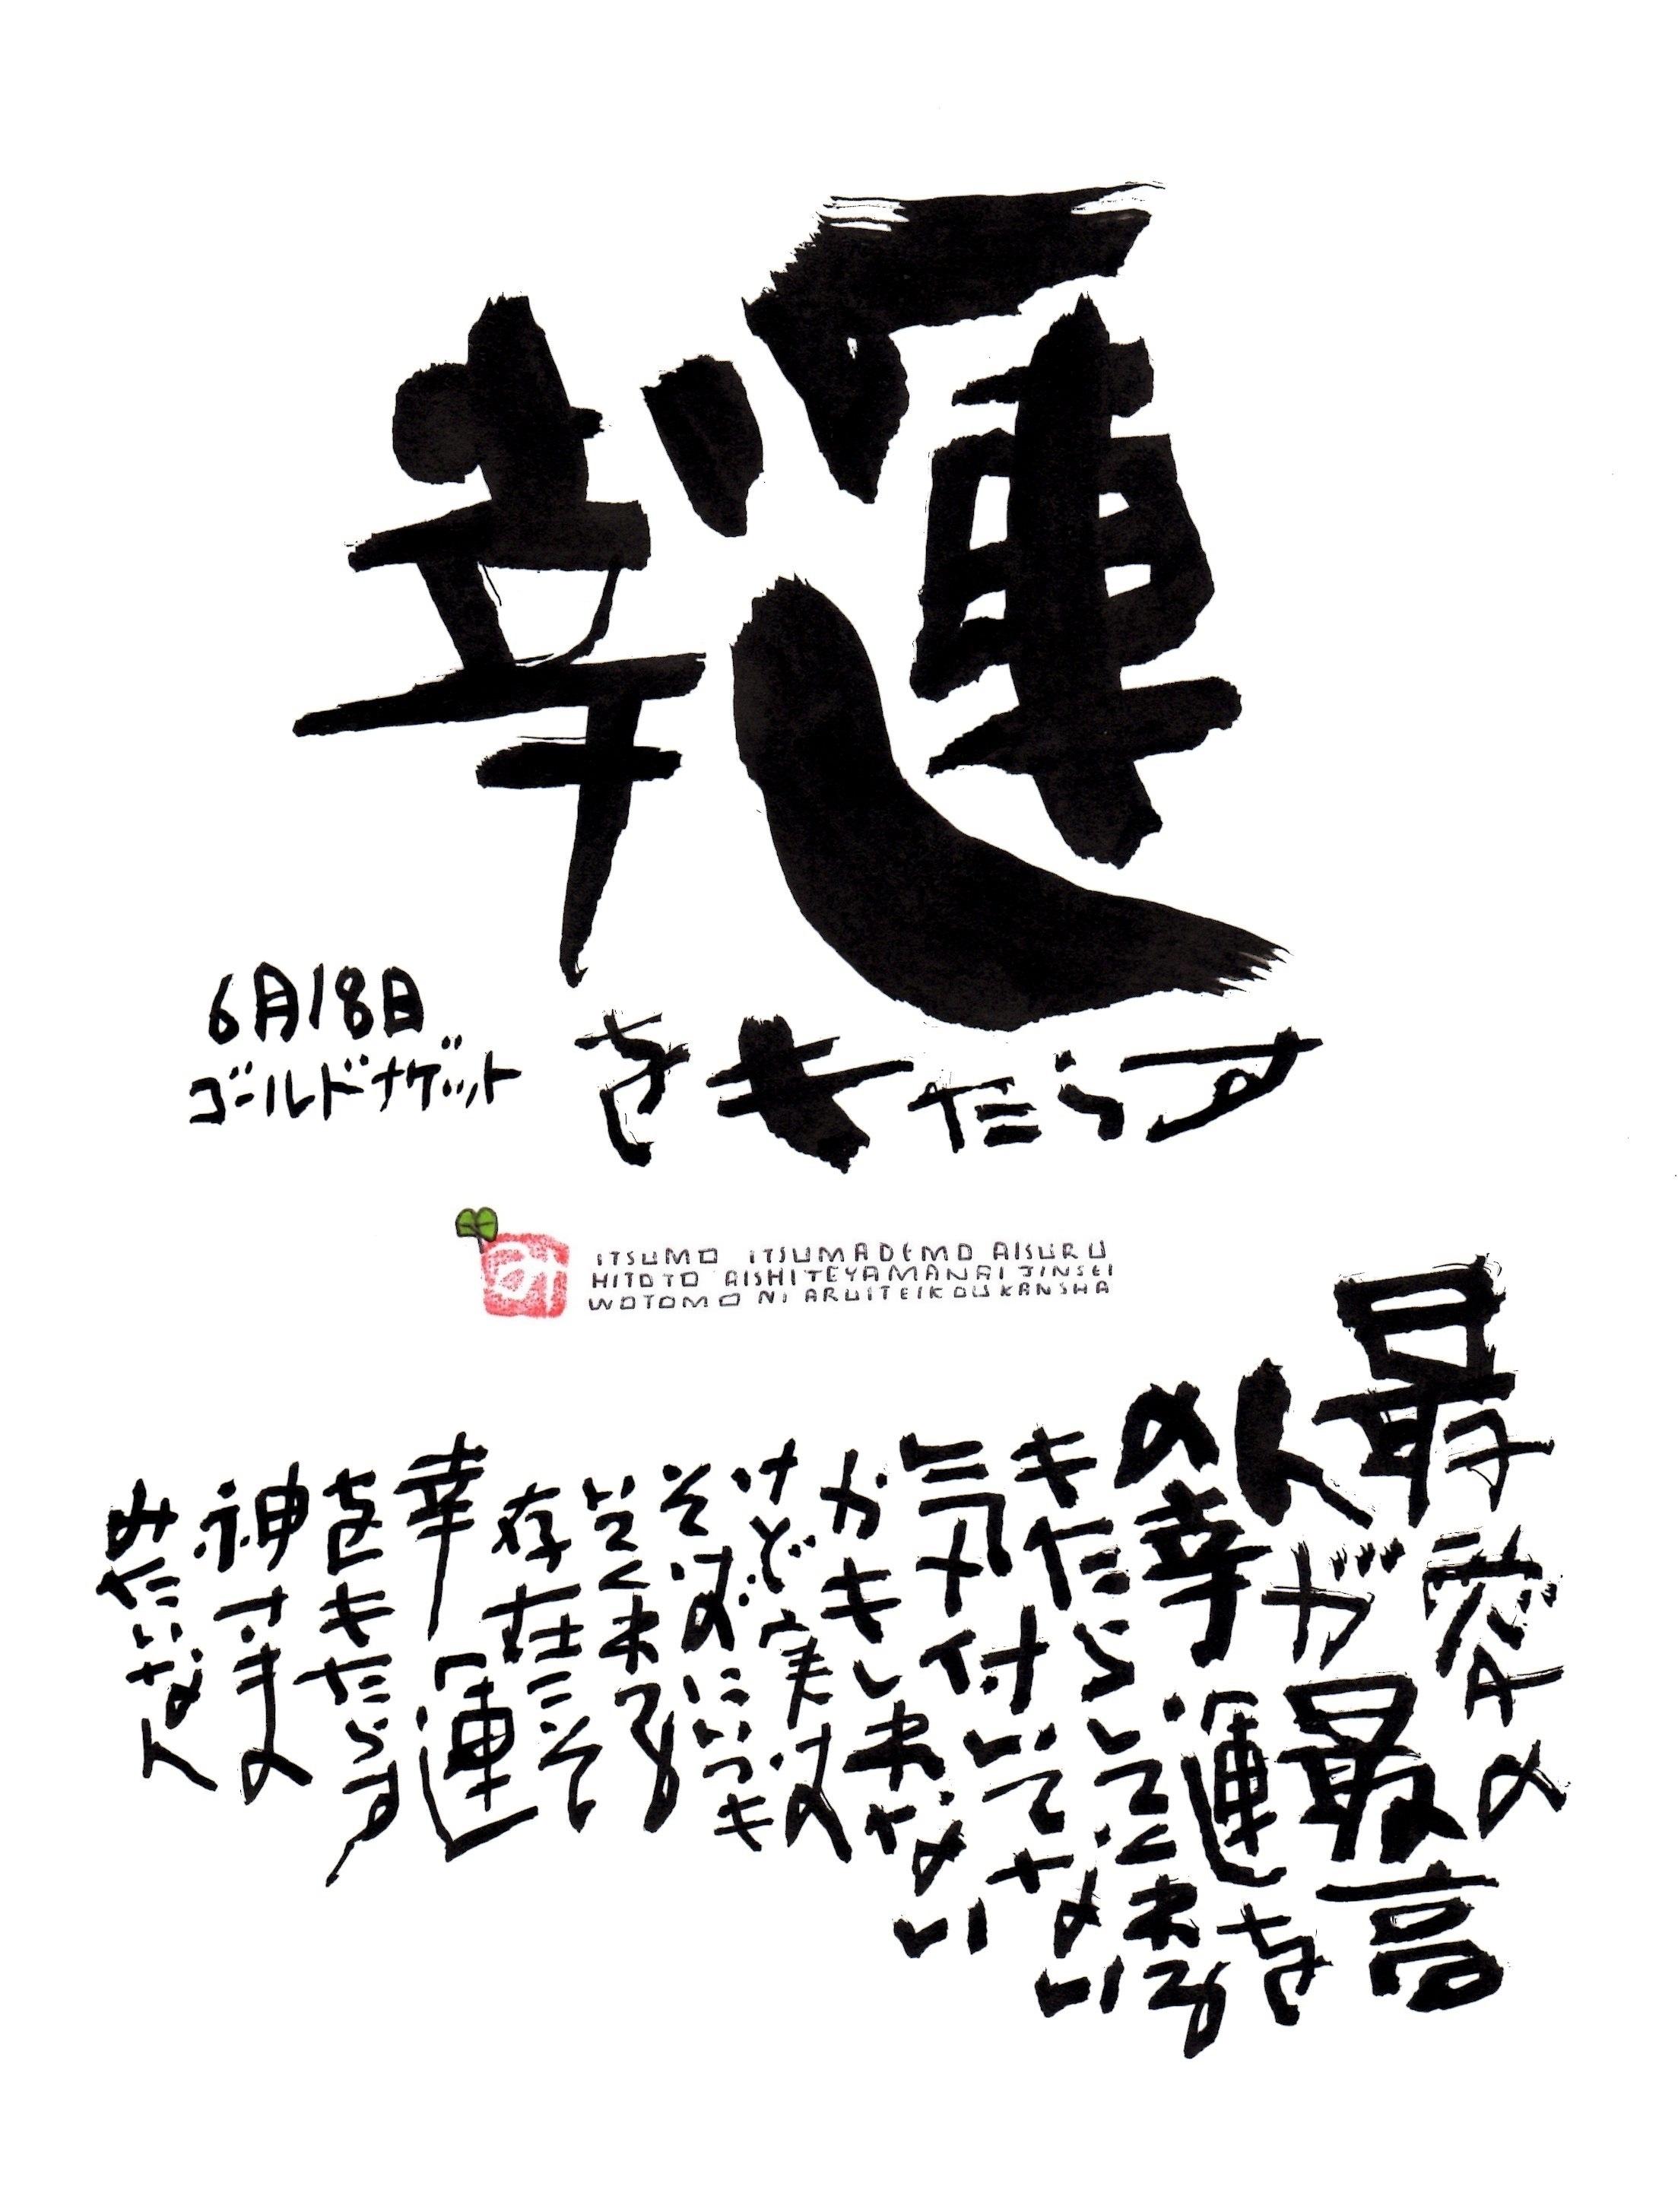 6月18日 結婚記念日ポストカード【幸運をもたらす】